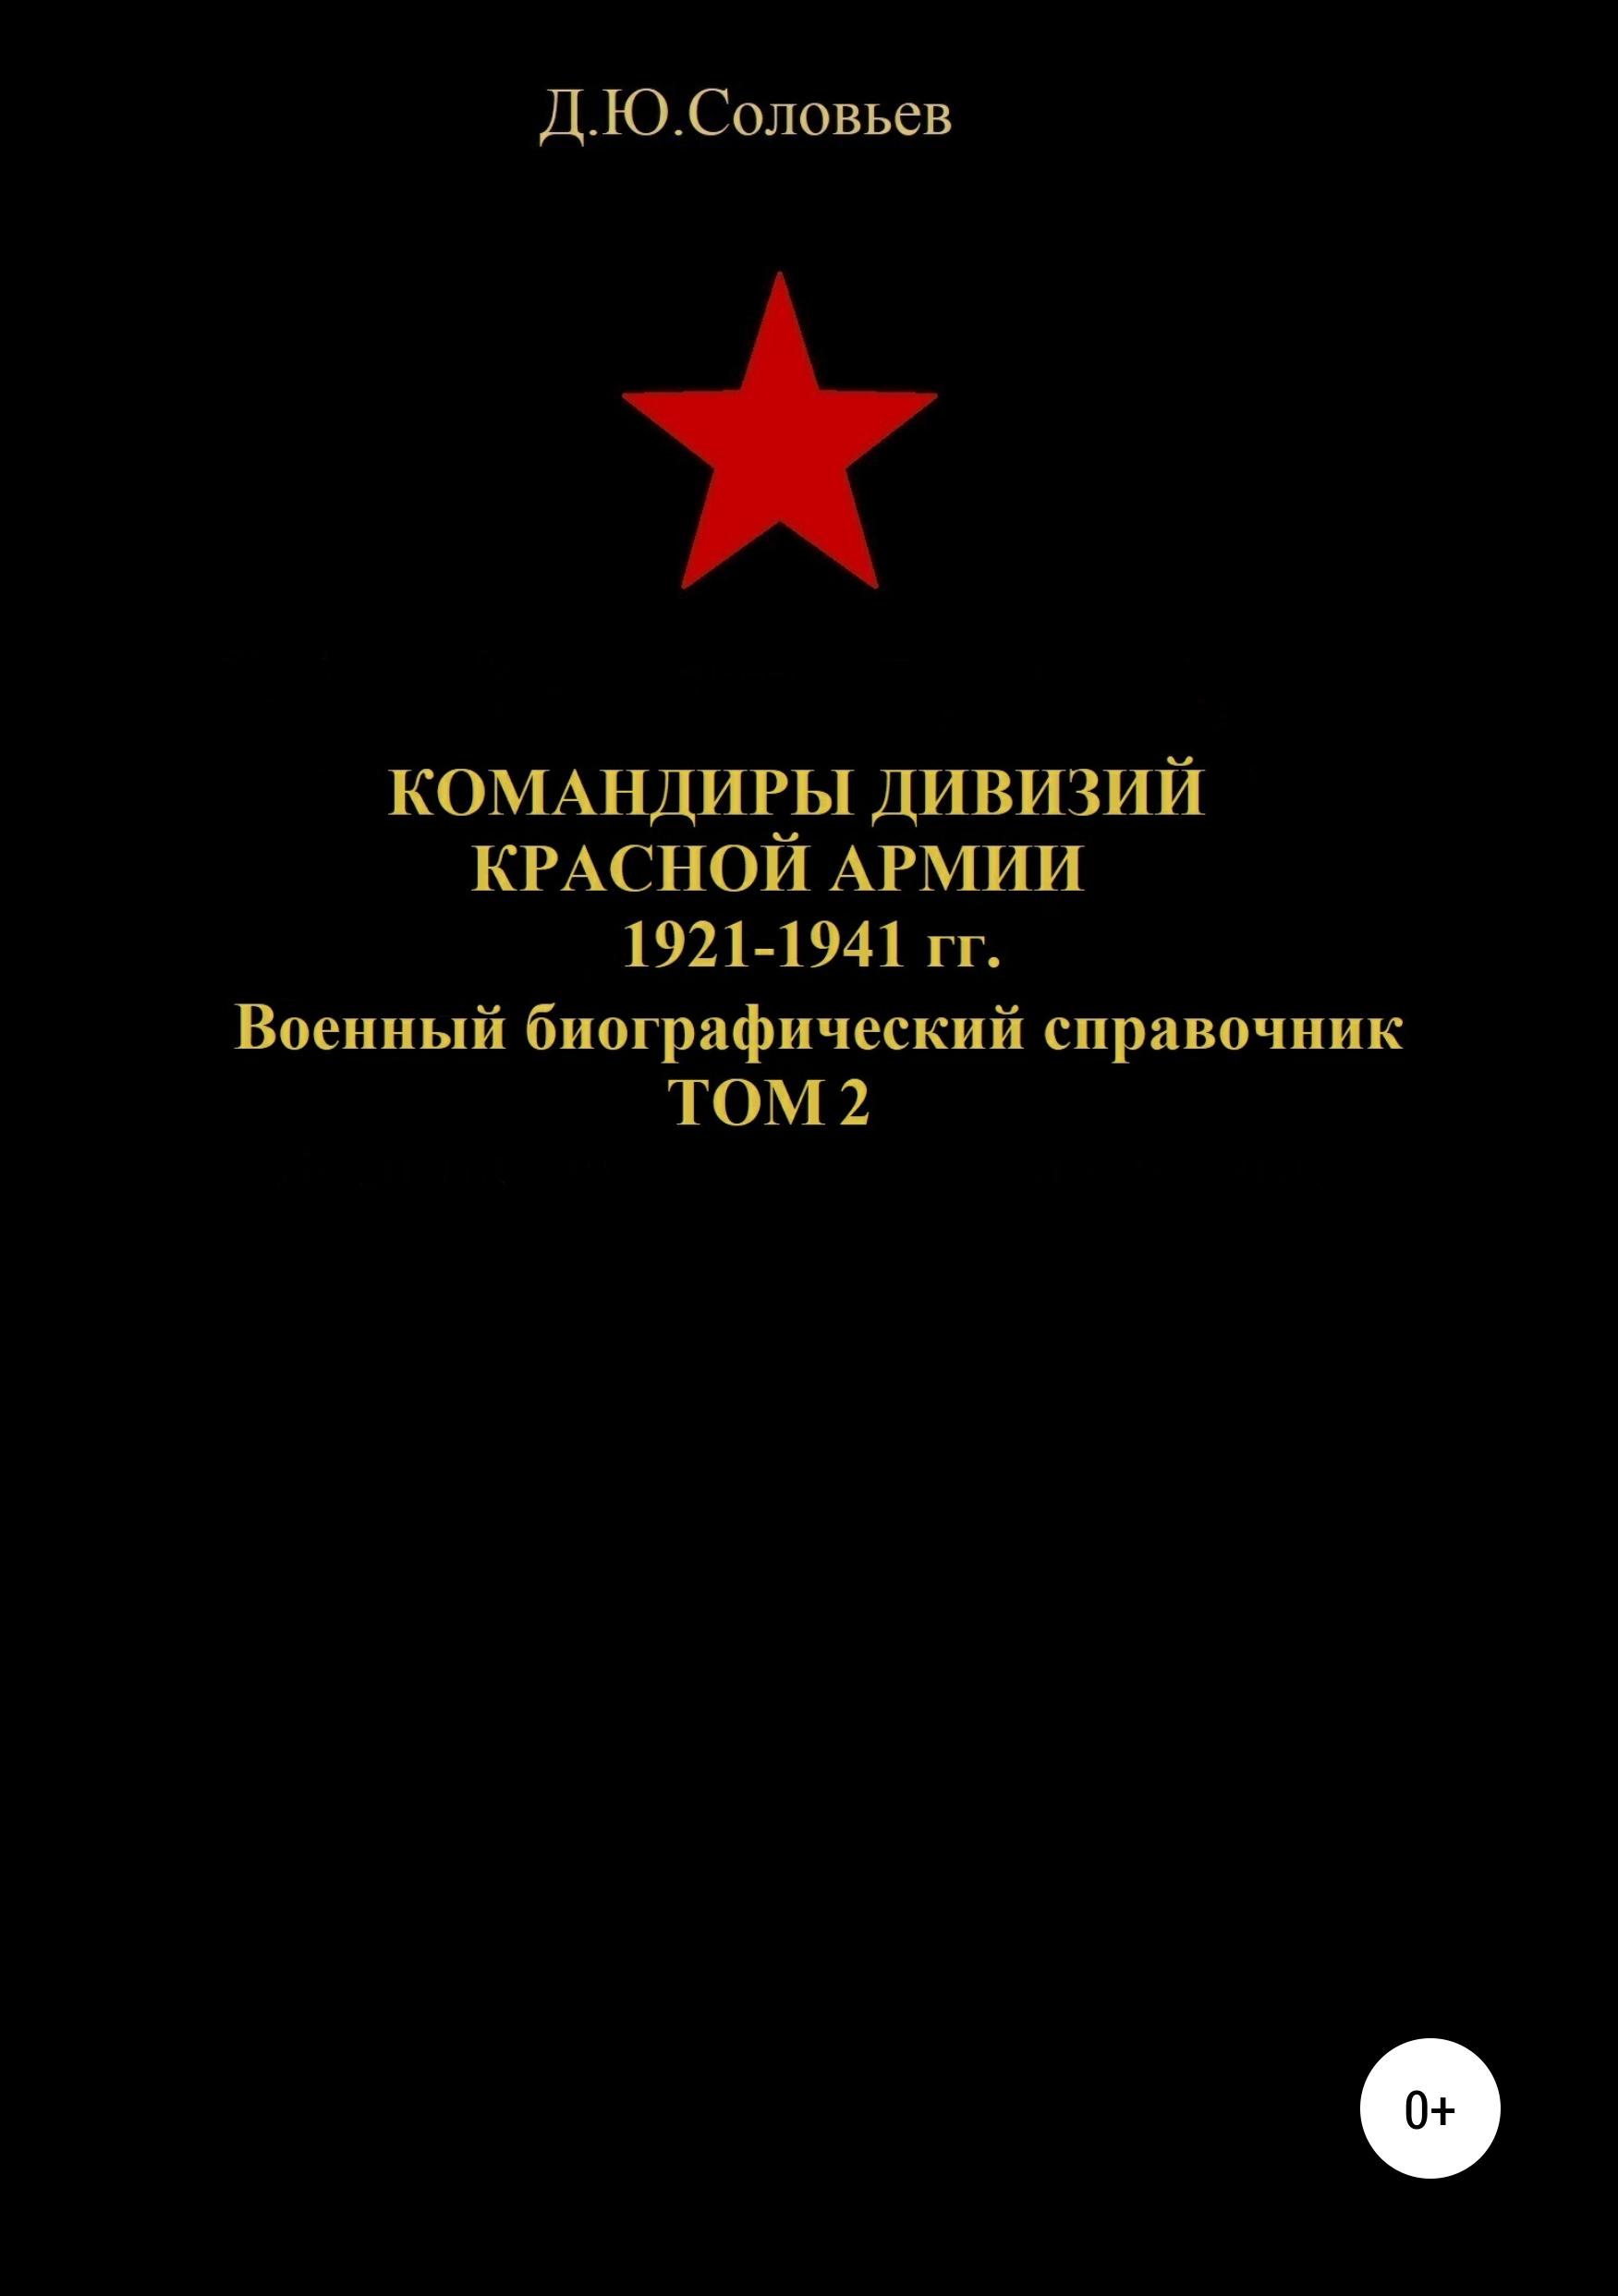 Командиры дивизий Красной Армии 1921-1941 гг. Том 2